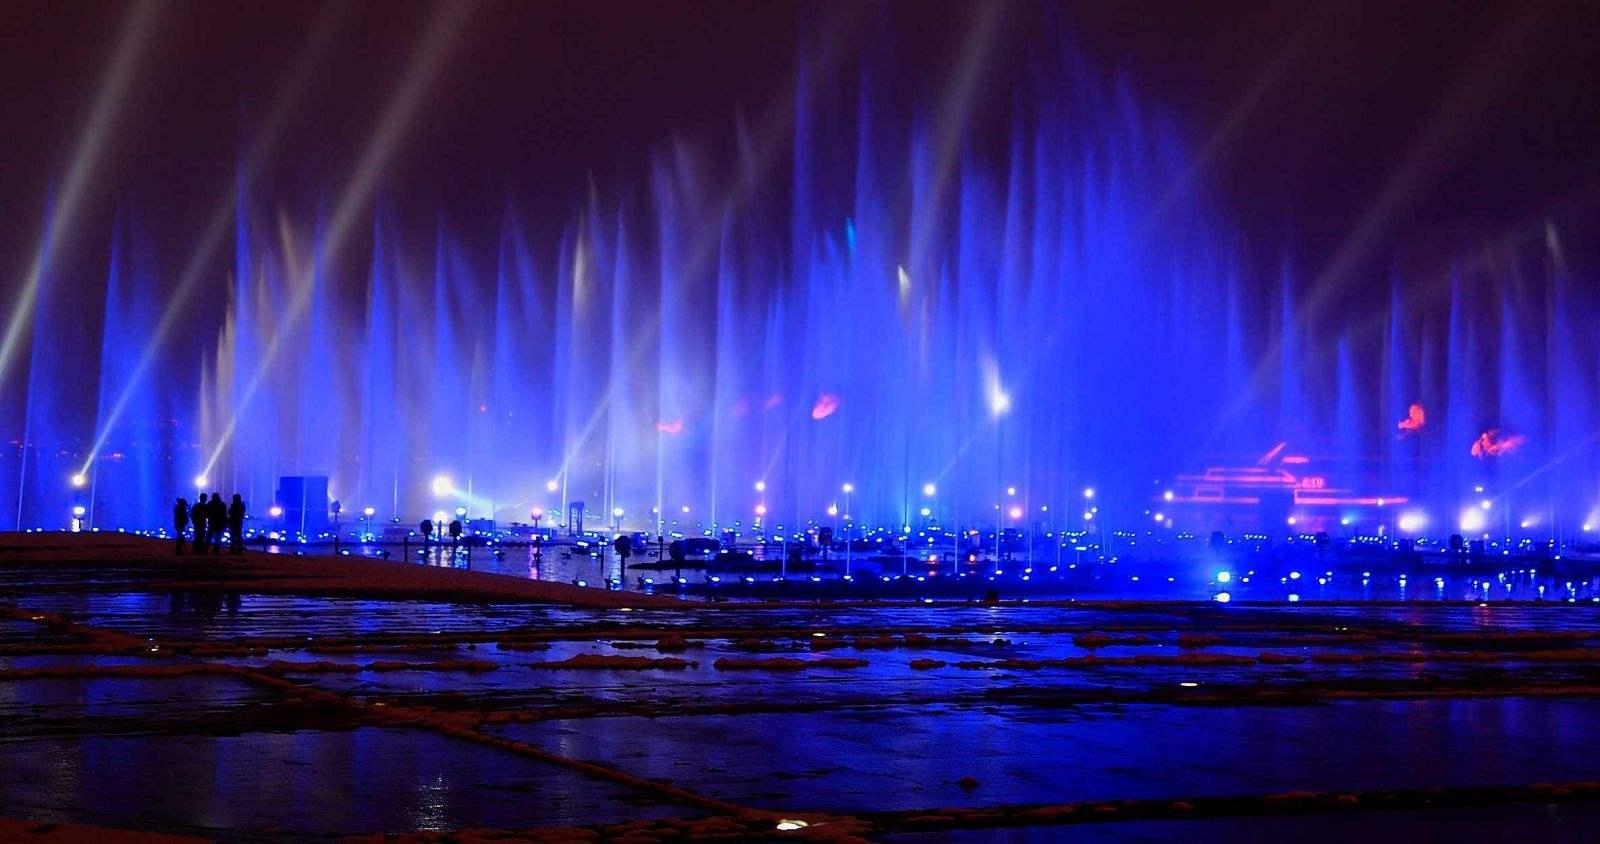 音乐喷泉设计中比较常见的水型